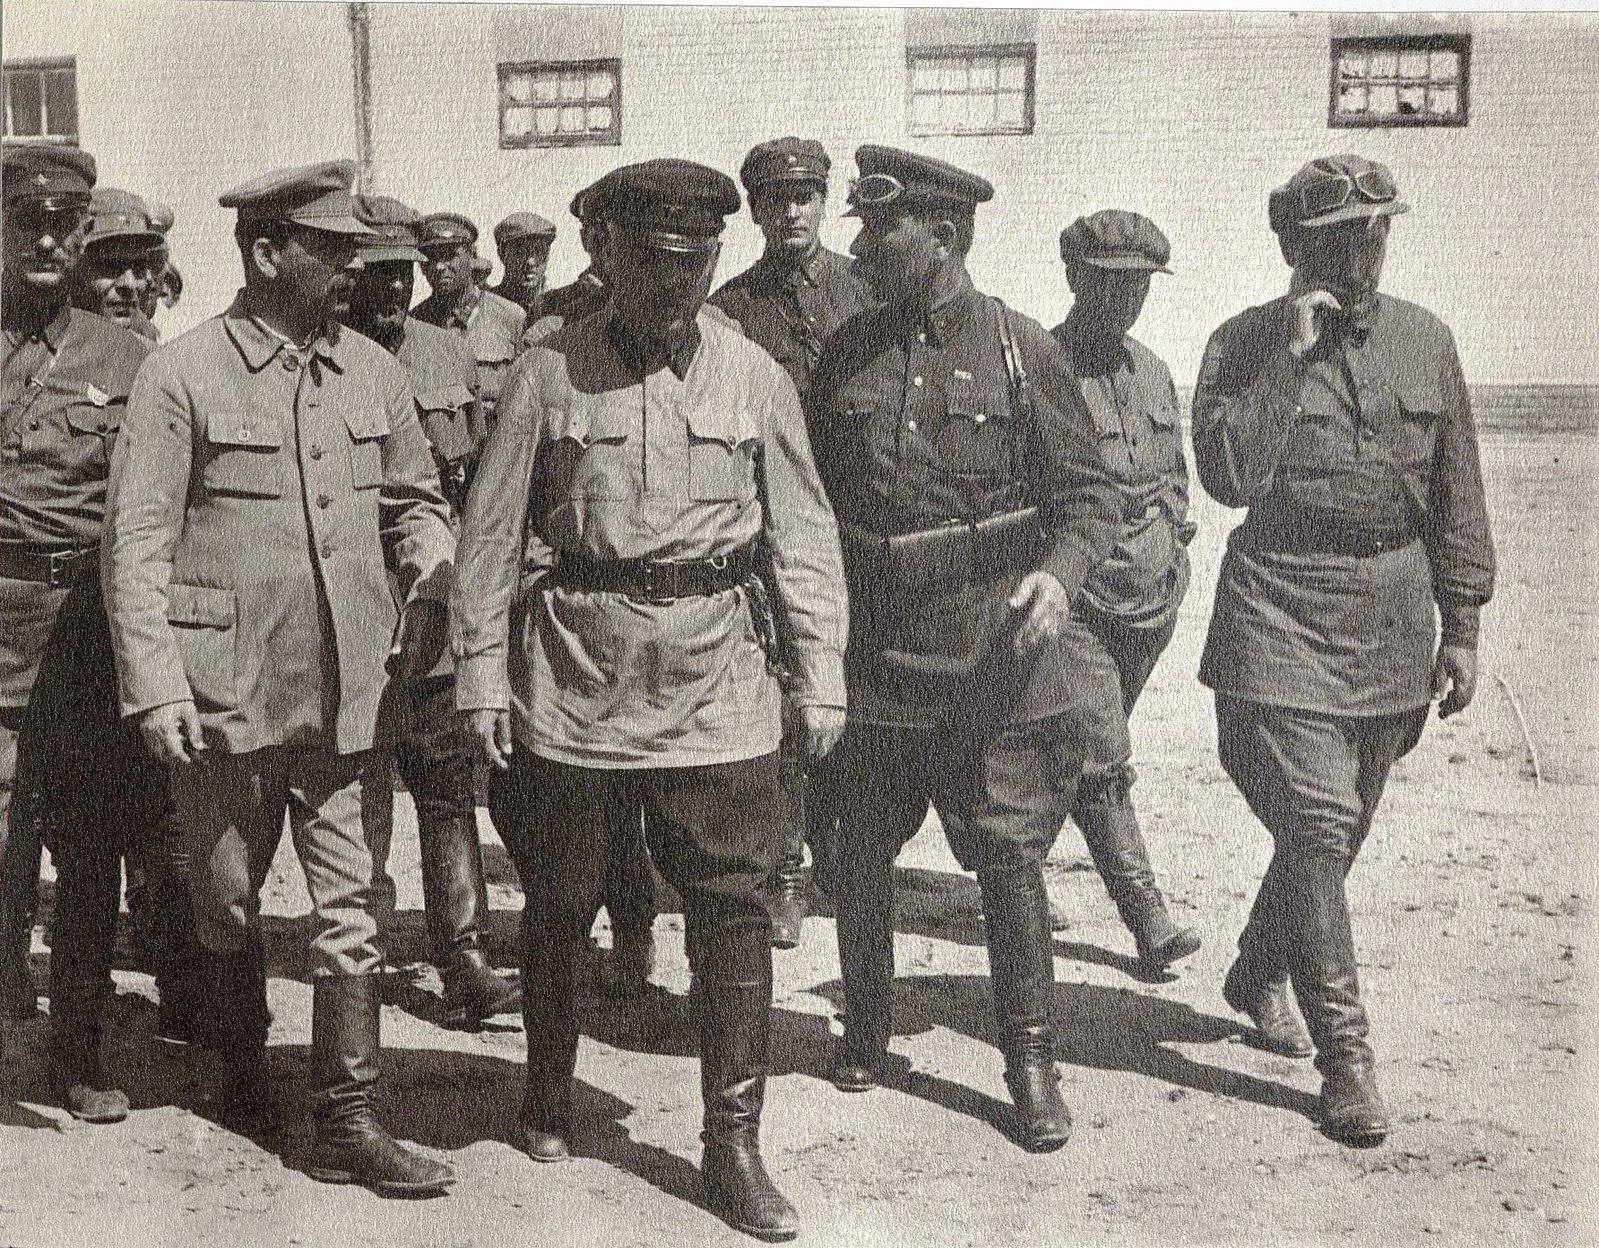 65. И.В. Сталин, К.Е. Ворошилов, С.М. Буденный с сотрудниками охраны во время посещения воинской части